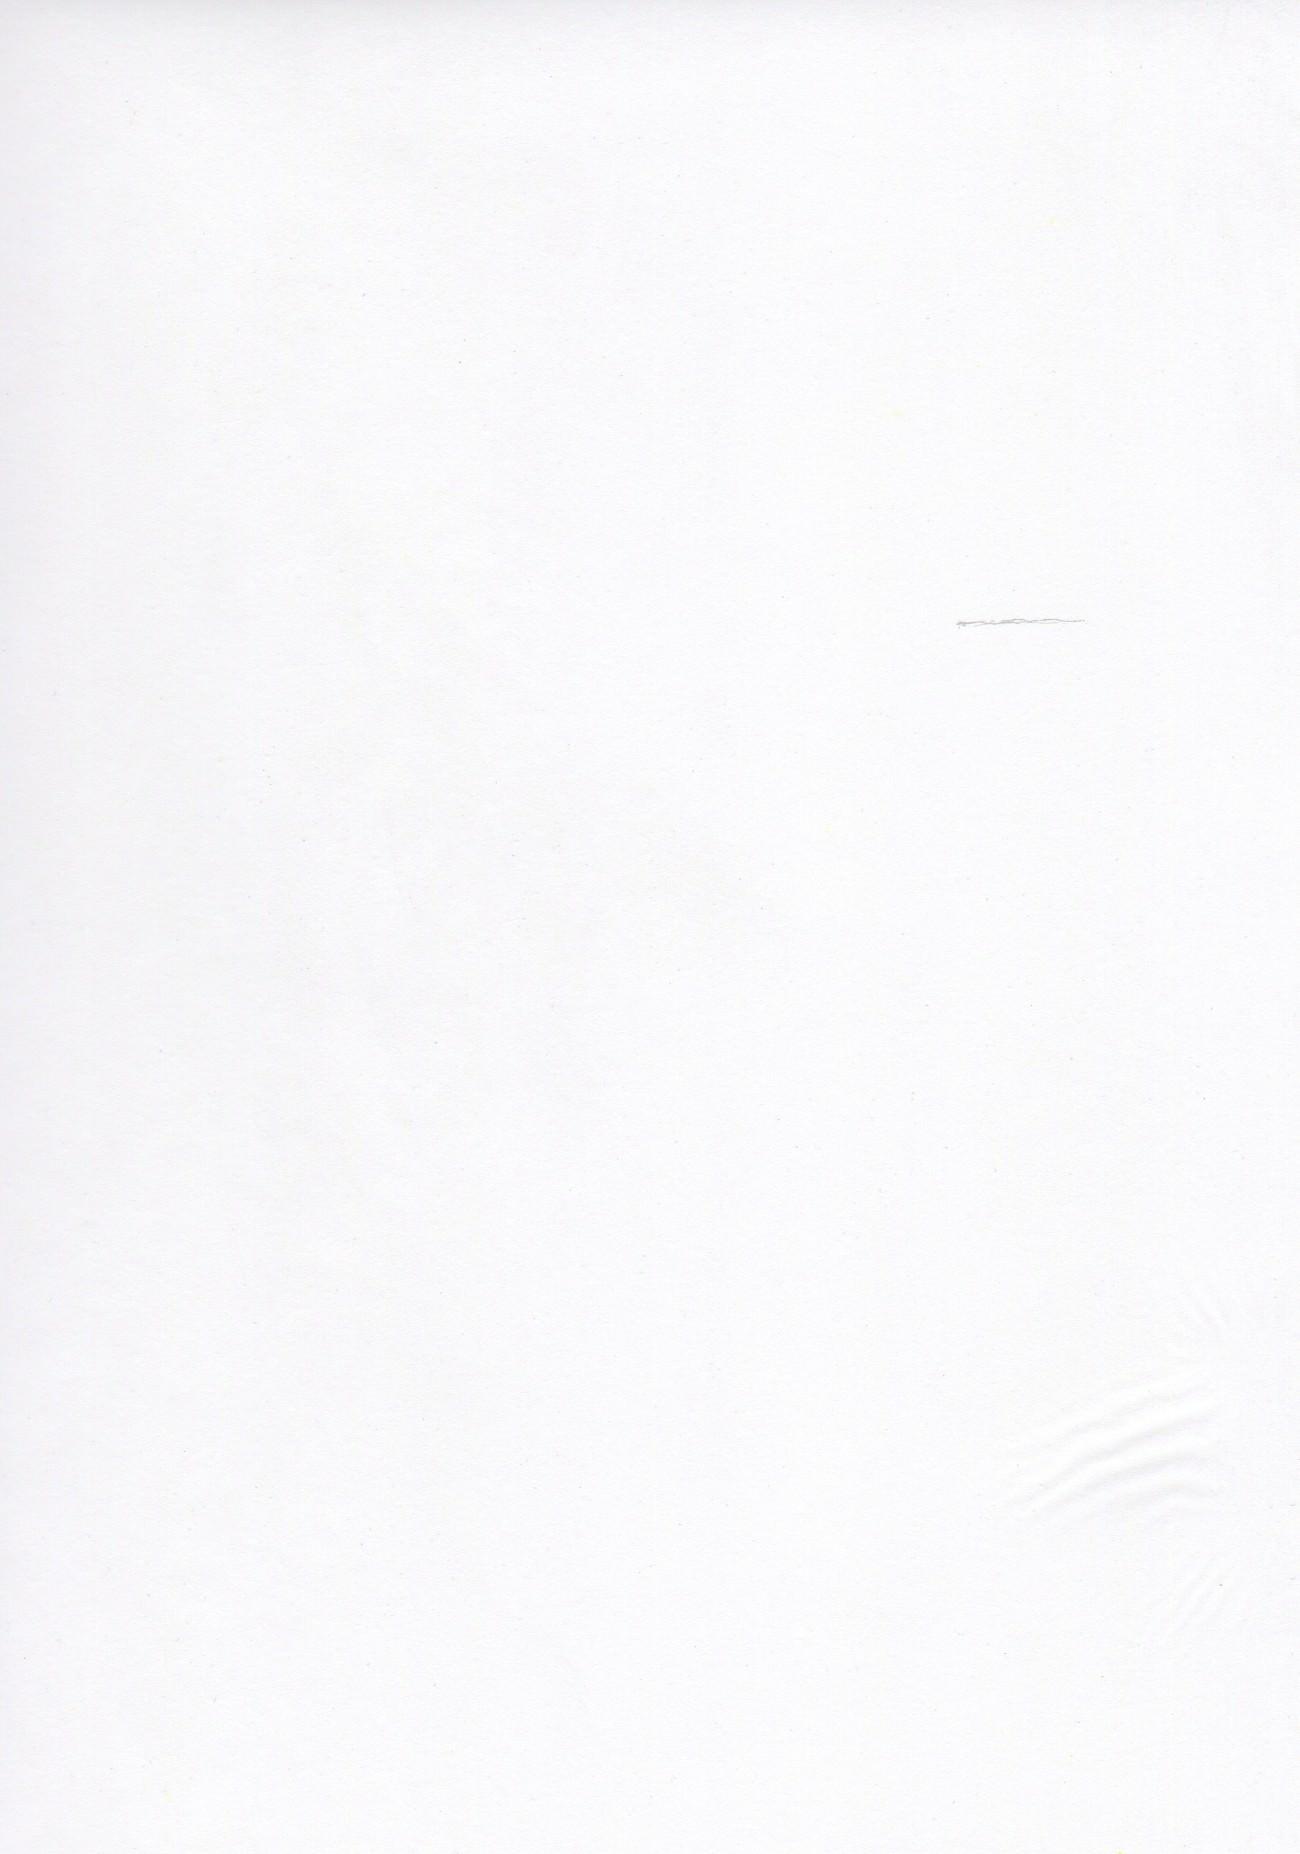 """Steve Giasson. Performance invisible n° 54 (Commissarier quelques passages d'un livre (emprunté dans une bibliothèque), en les soulignant délicatement au plomb). Performeur : Loucas Braconnier. """"Résidude la performance  (est laborum)"""", crayon plomb sur papier calque, 11 x 14 po. Crédit photographique : Loucas Braconnier. 26 mars 2018."""